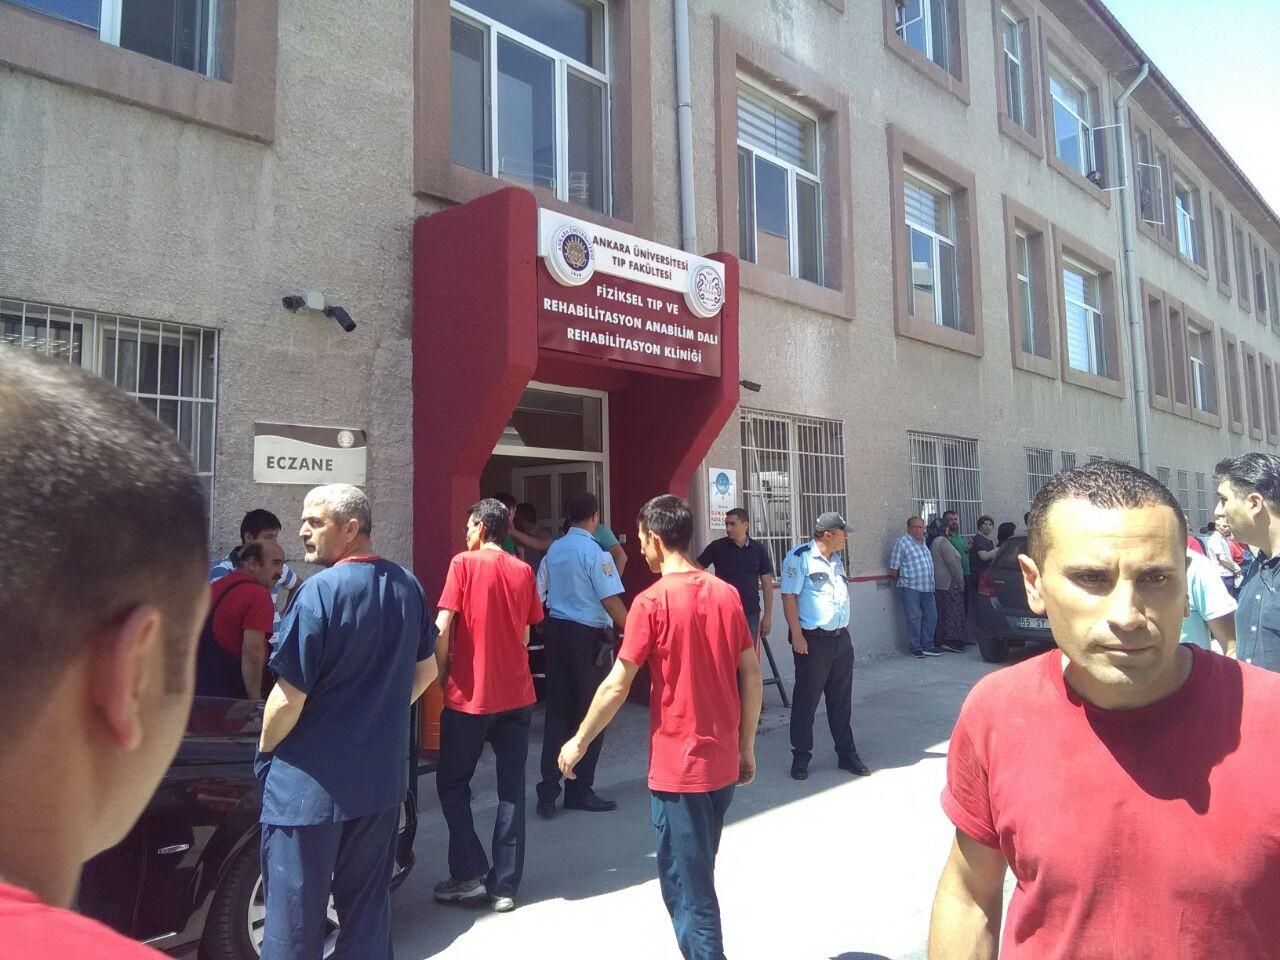 Ankara Üniversitesi Tıp Fakültesi'ndeki silahlı saldırı için üniversiteden açıklama